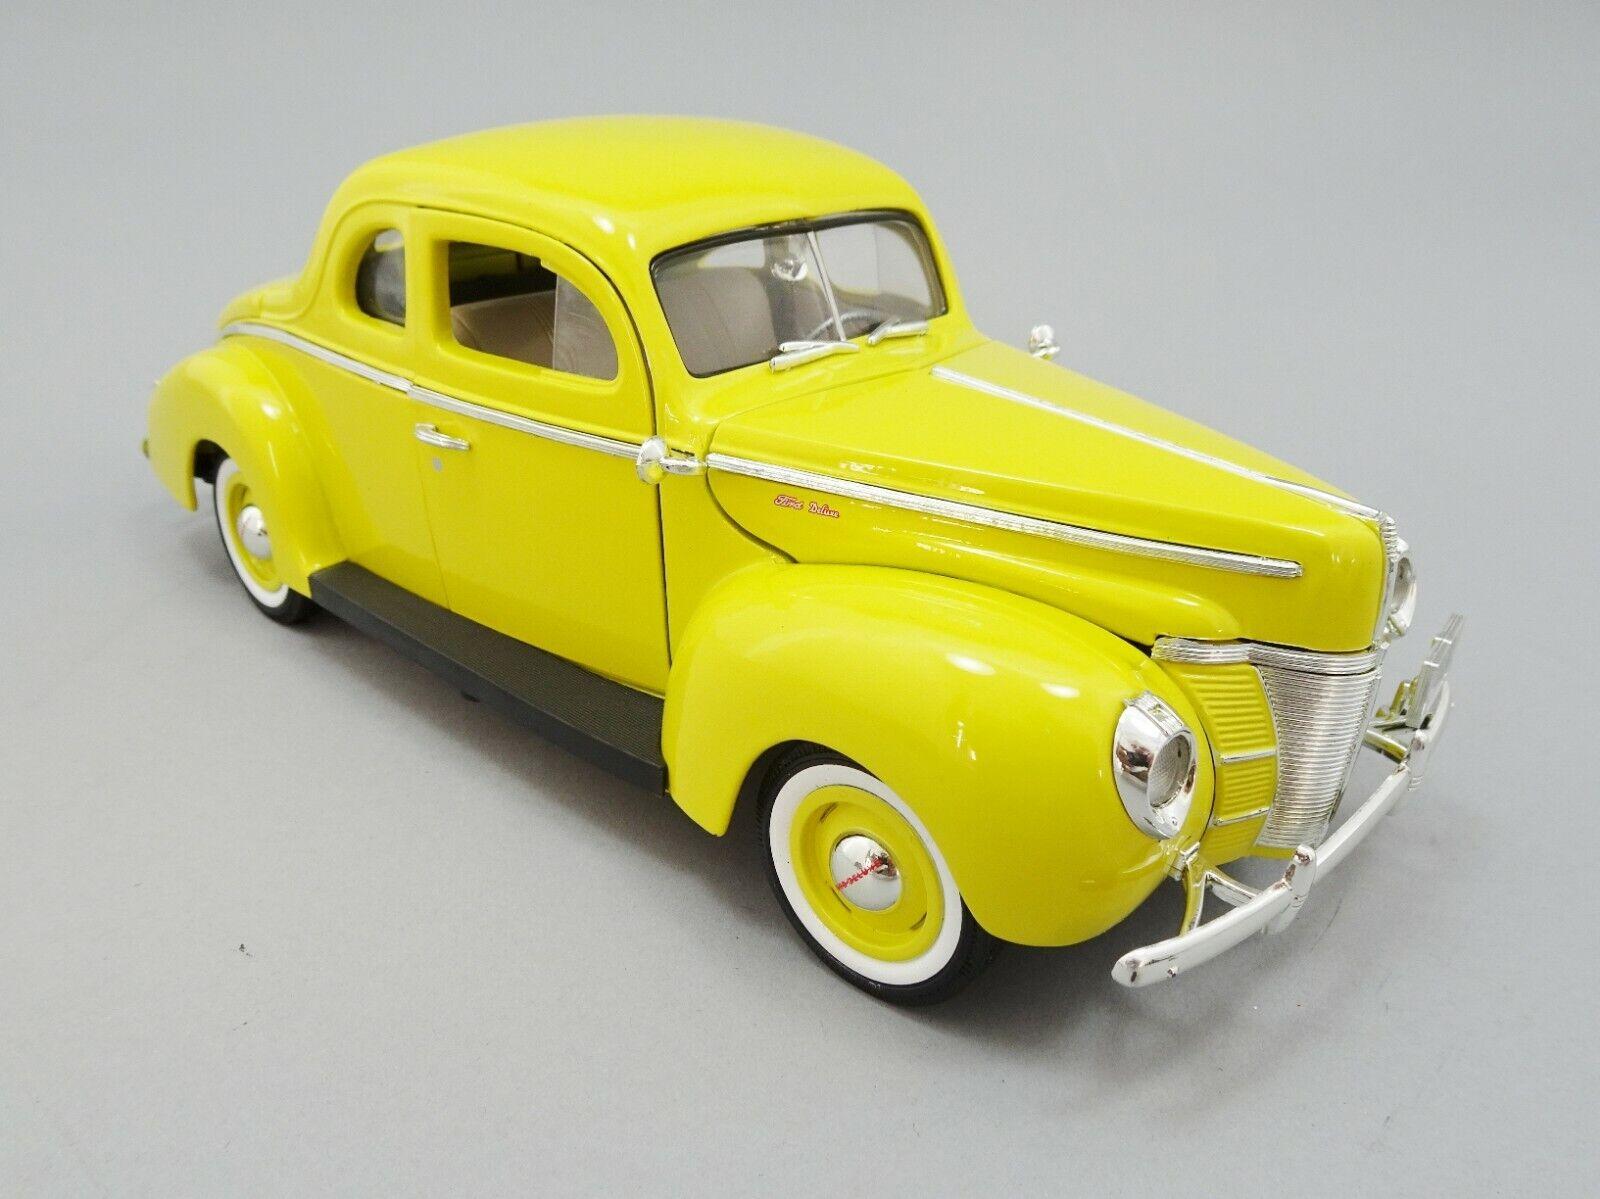 aquí tiene la última 1940 Ford Deluxe Coupe, Escala 1 18 18 18 Diecast Amarillo Coche Clásico por Motor Max  marca de lujo